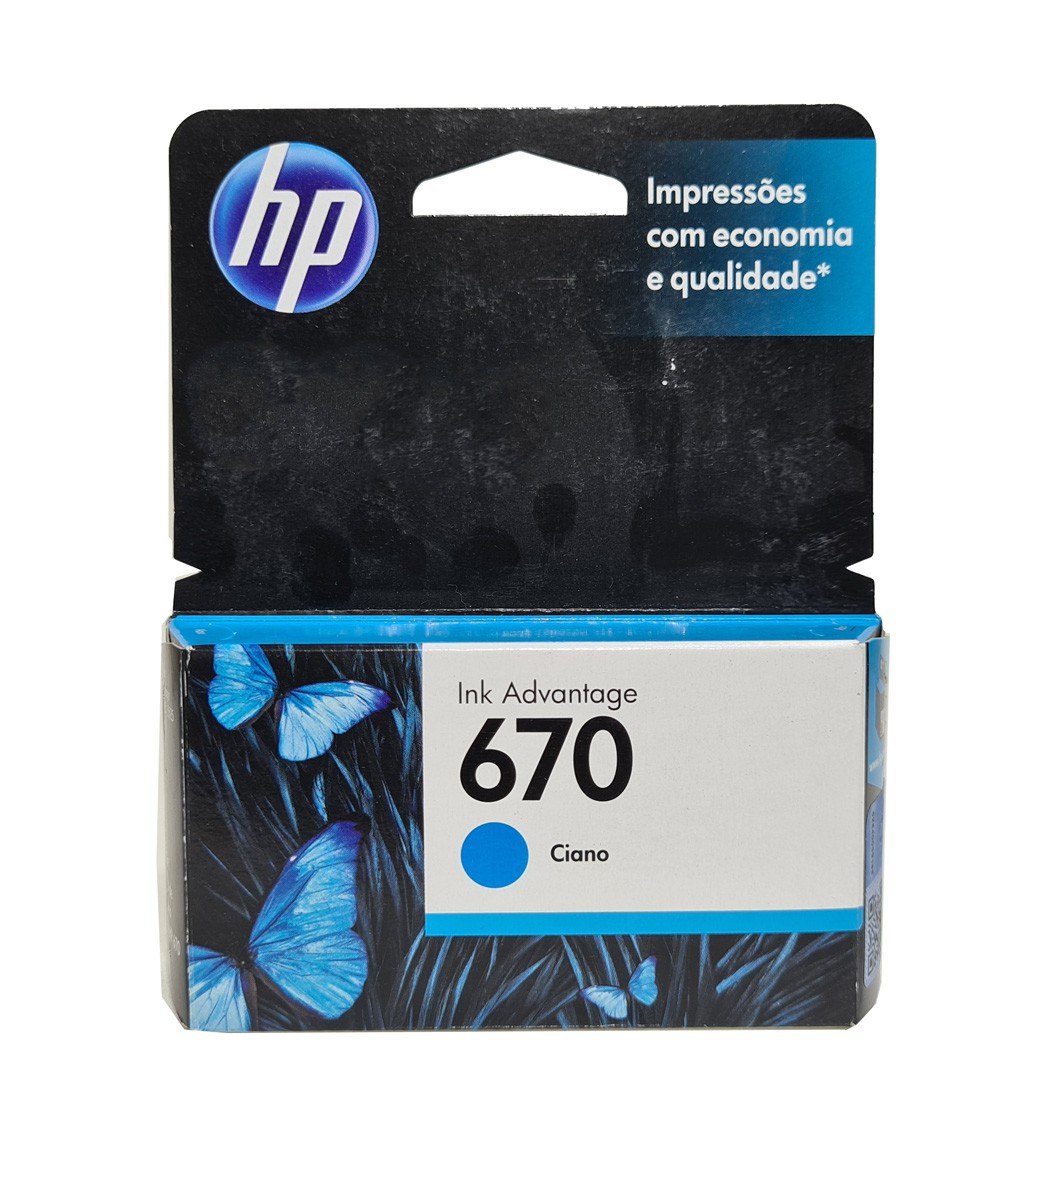 Cartucho HP 670 CZ114AB 3.5ml Ciano para 3525 4615 4625 5525